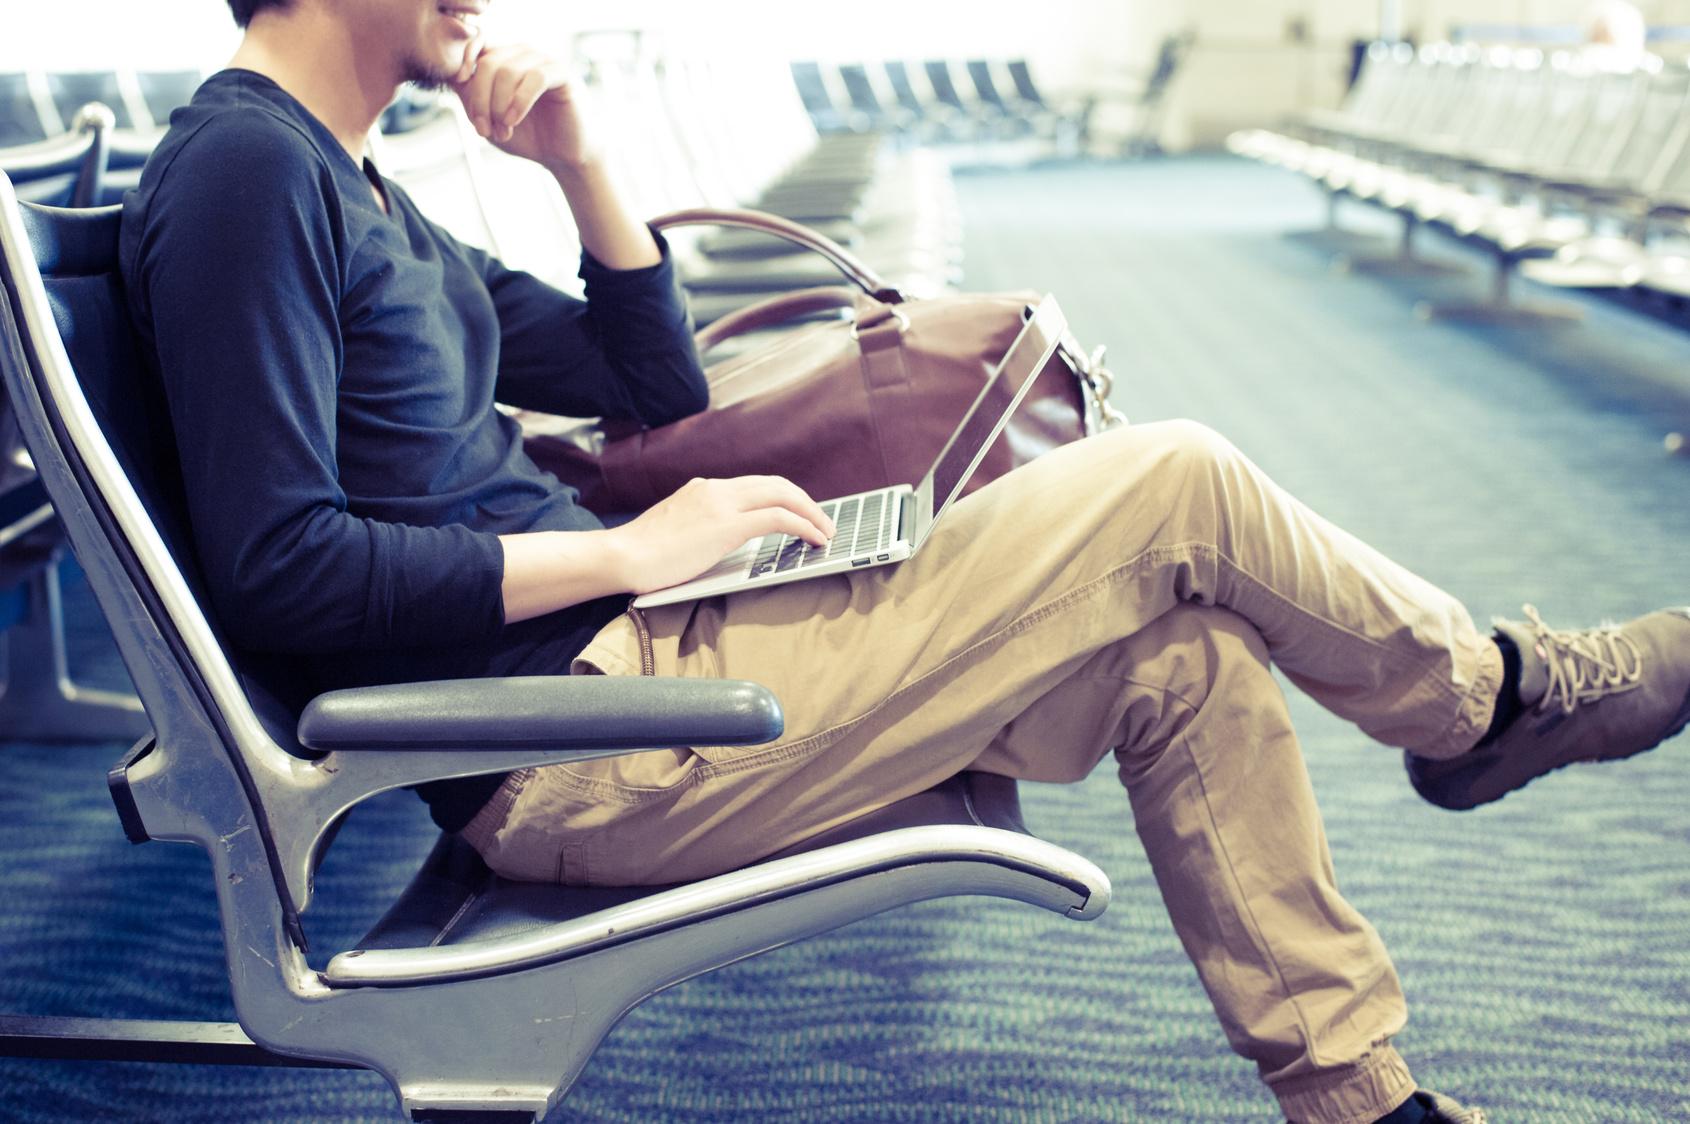 空港の待合室でノートパソコンを使っている男性